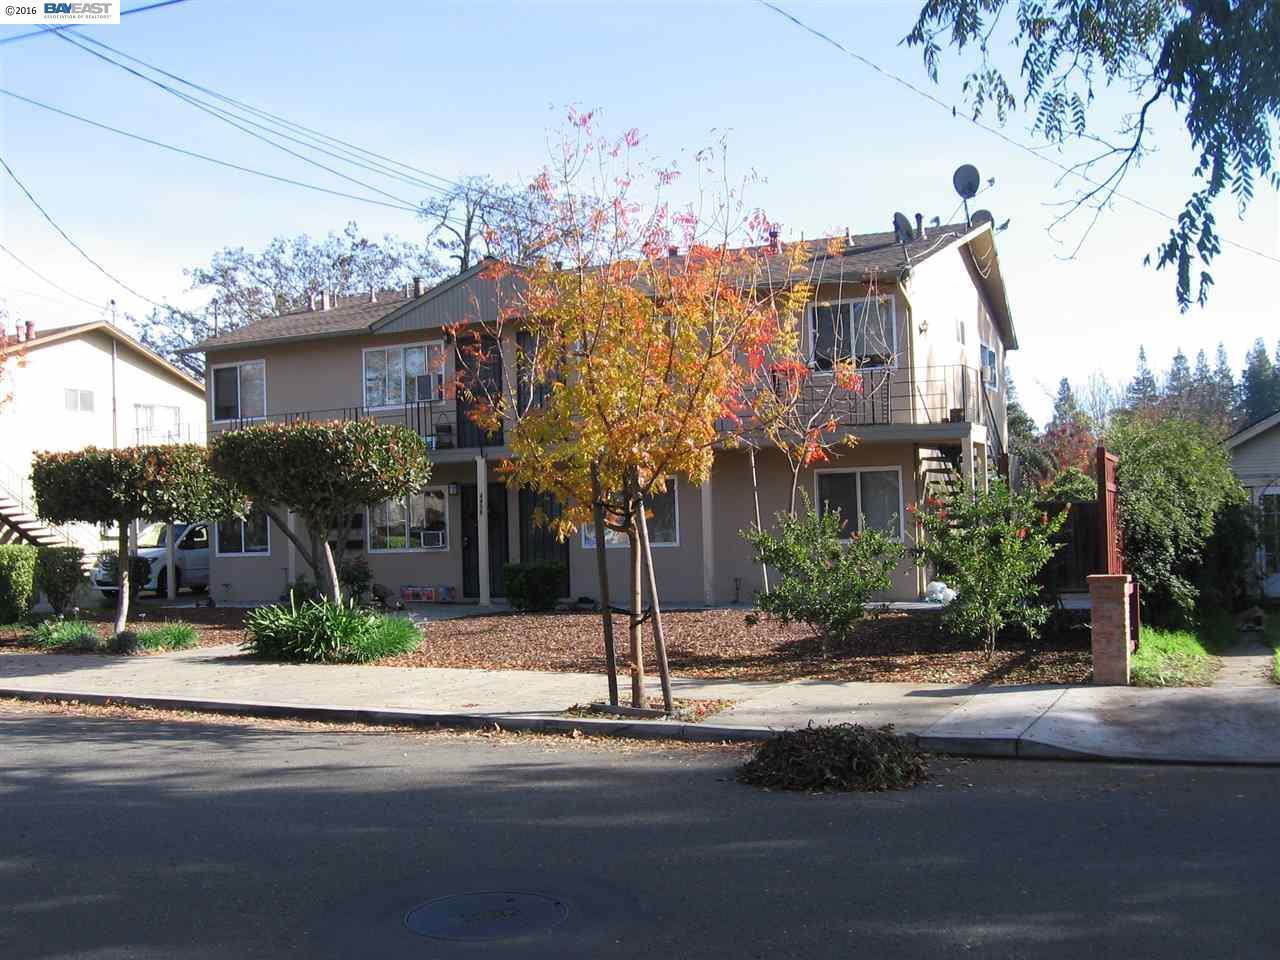 4458 Pleasanton, Pleasanton, CA 94566 | MLS# 40765288 | Redfin